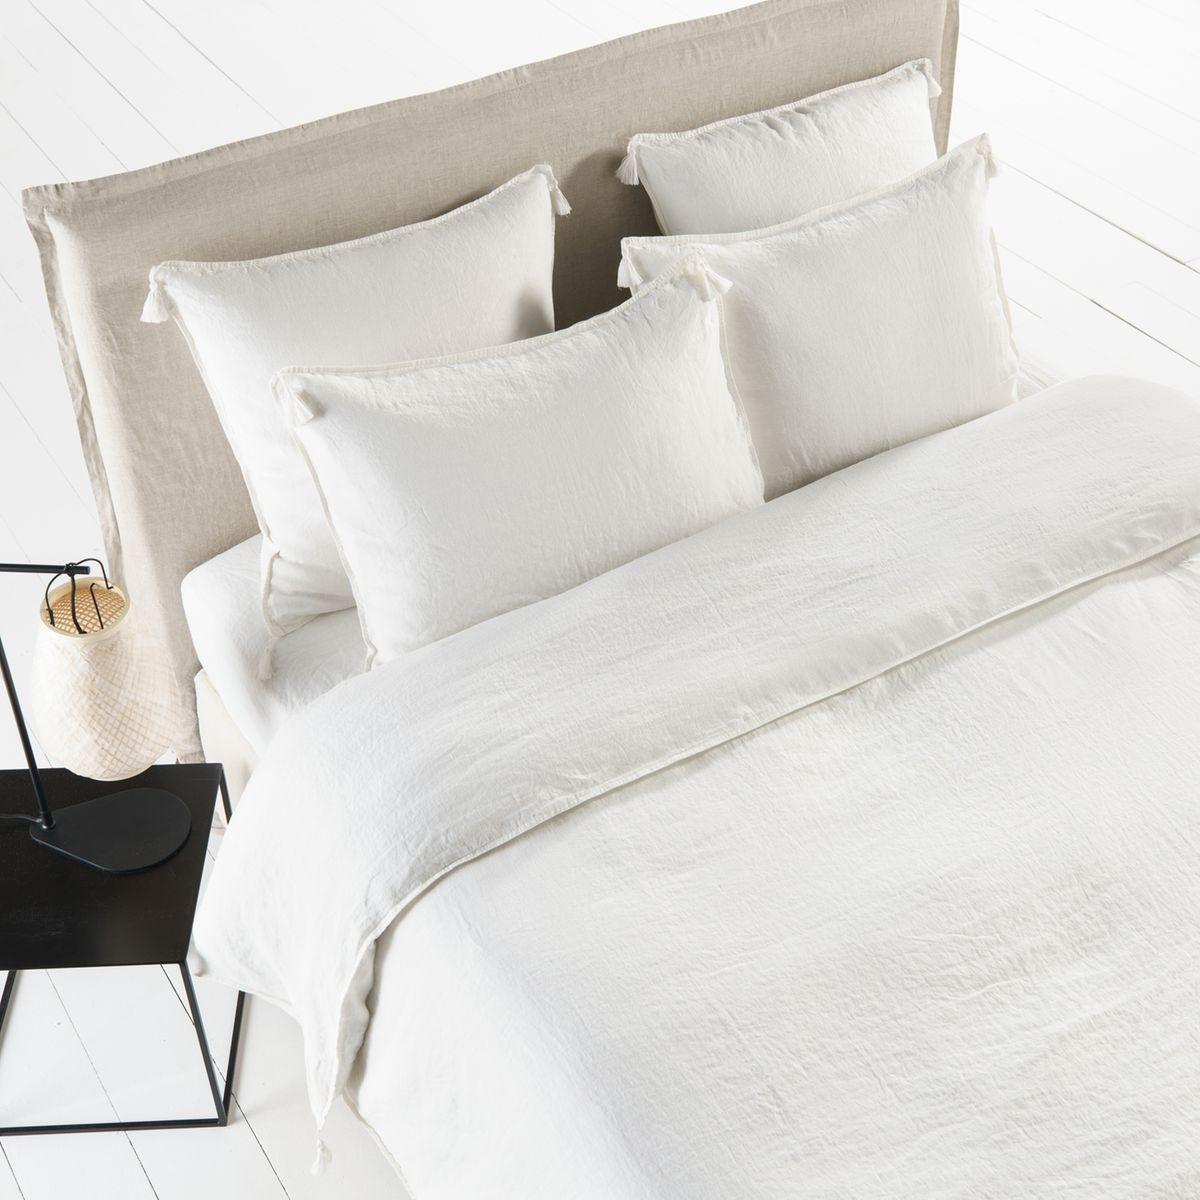 housse de couette en lin lav carly. Black Bedroom Furniture Sets. Home Design Ideas